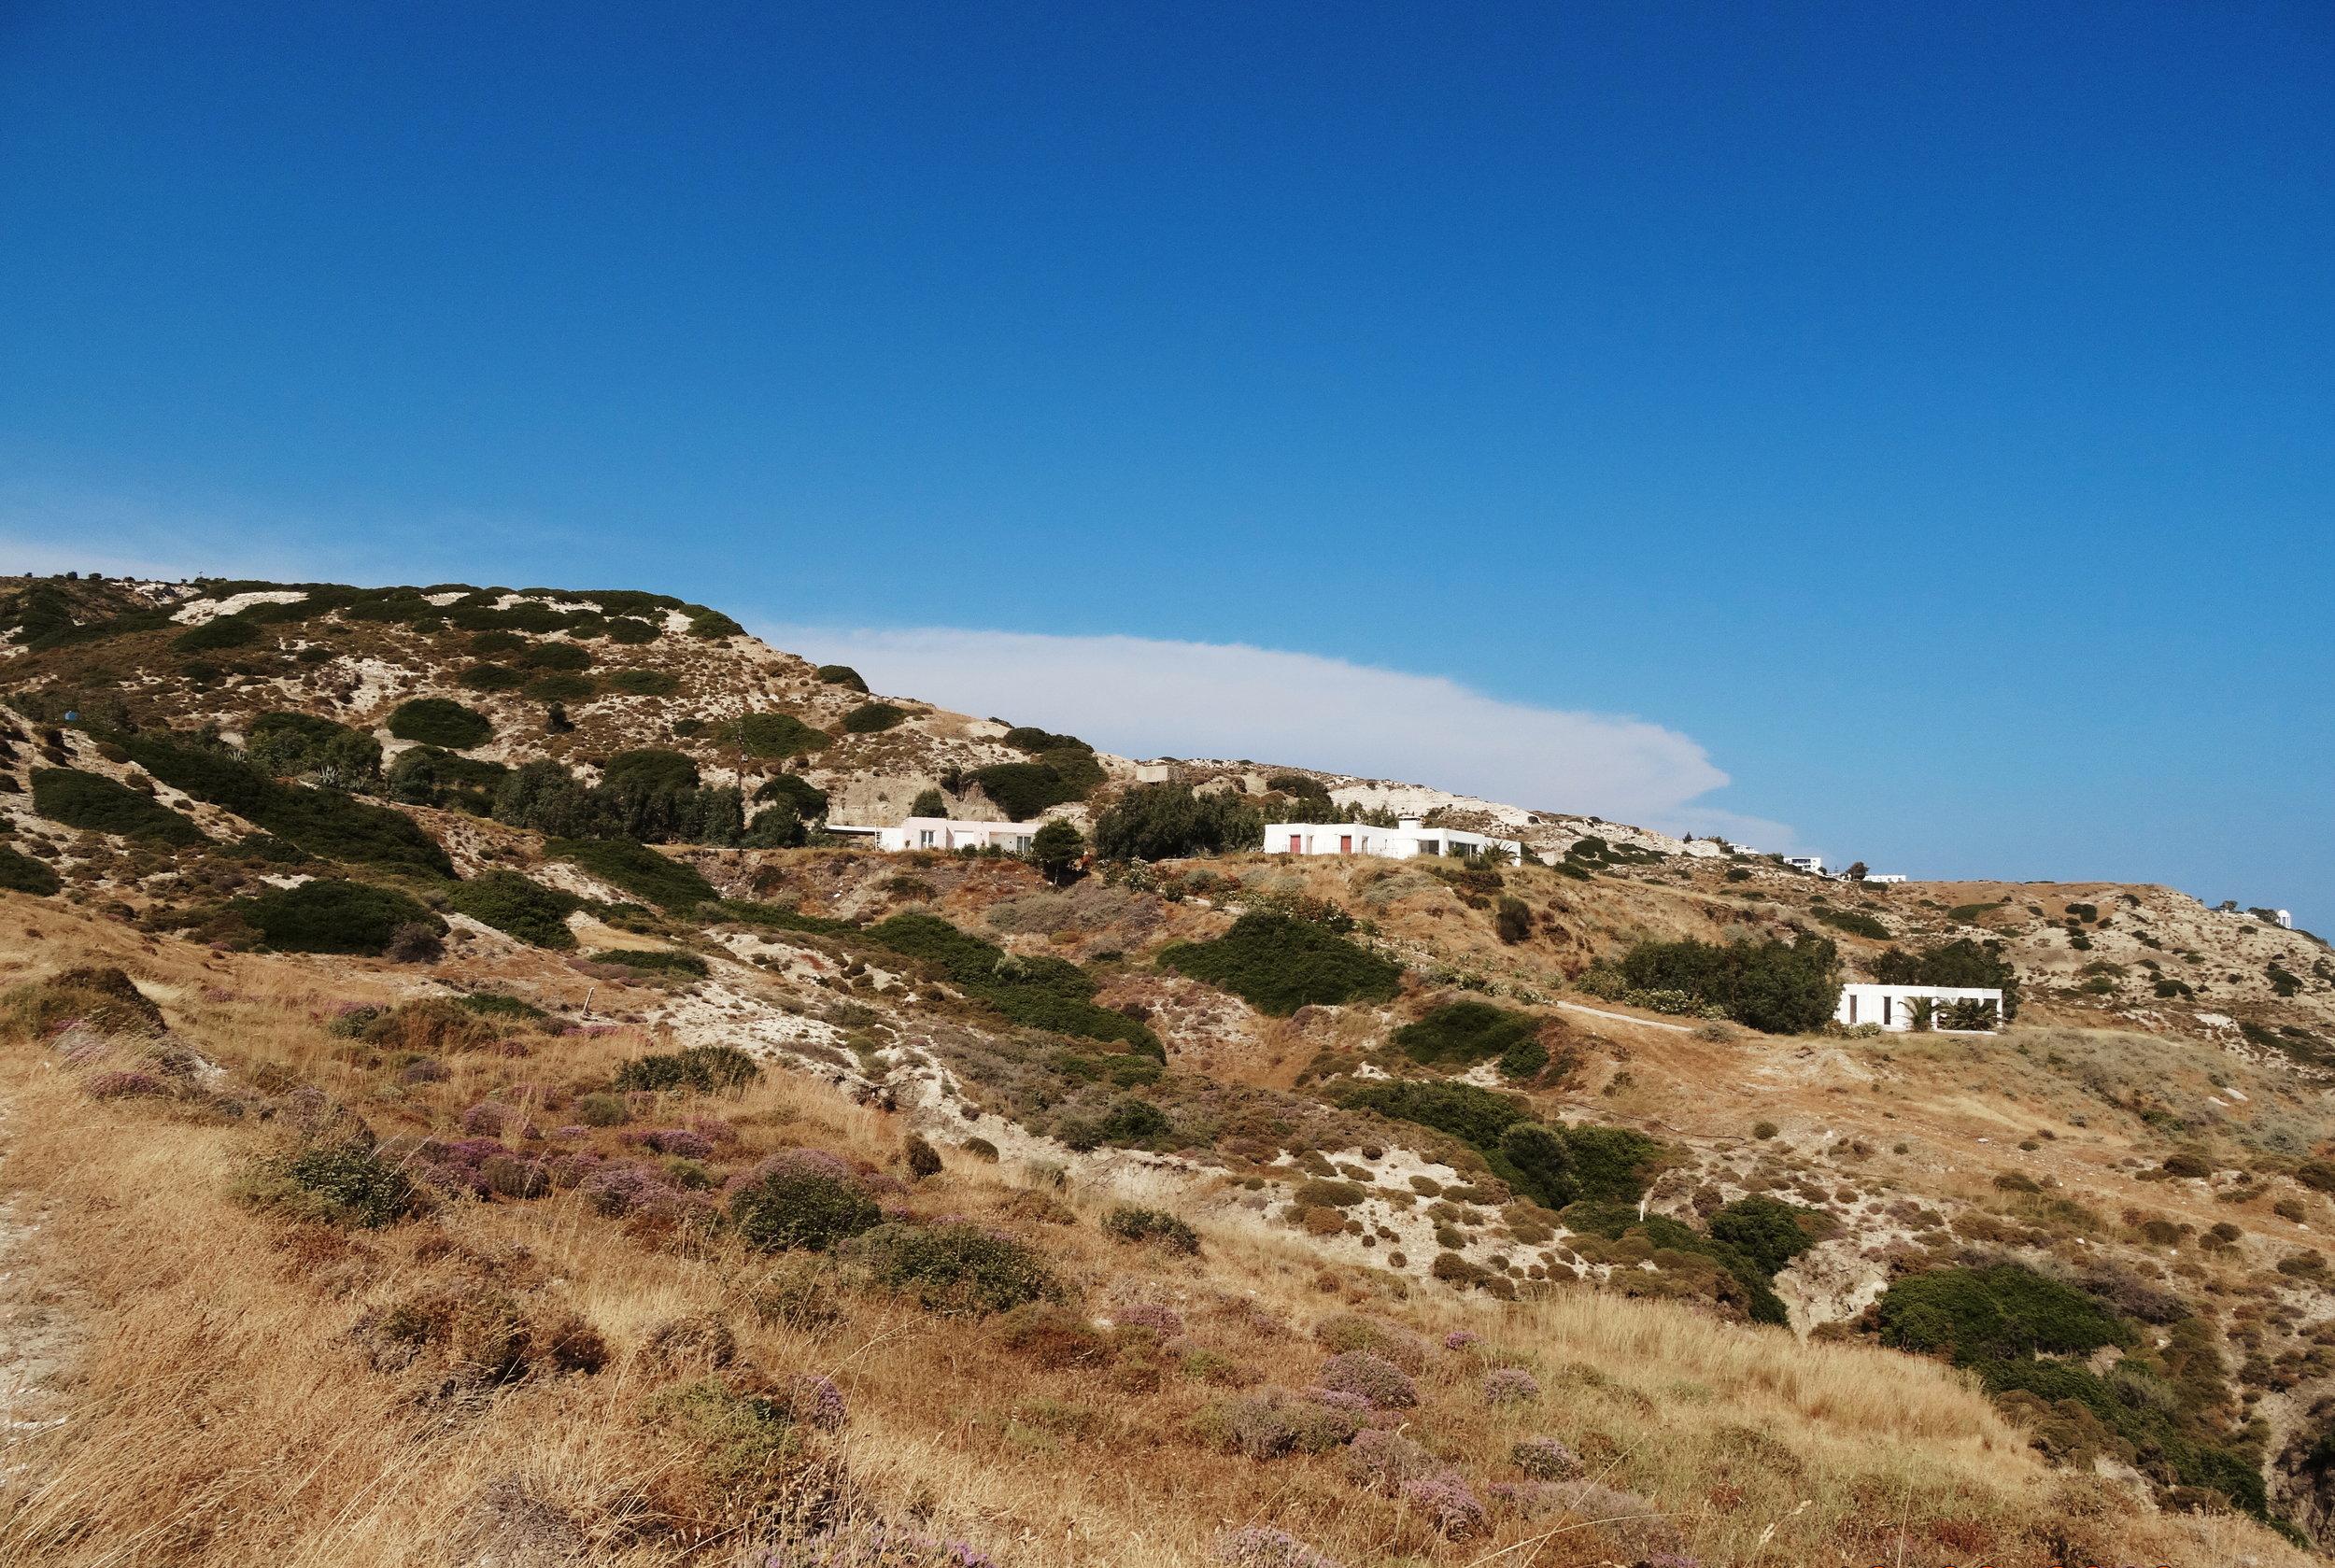 kokemuksia-kos-kreikka-vuori-mona-kajander-matkablogi